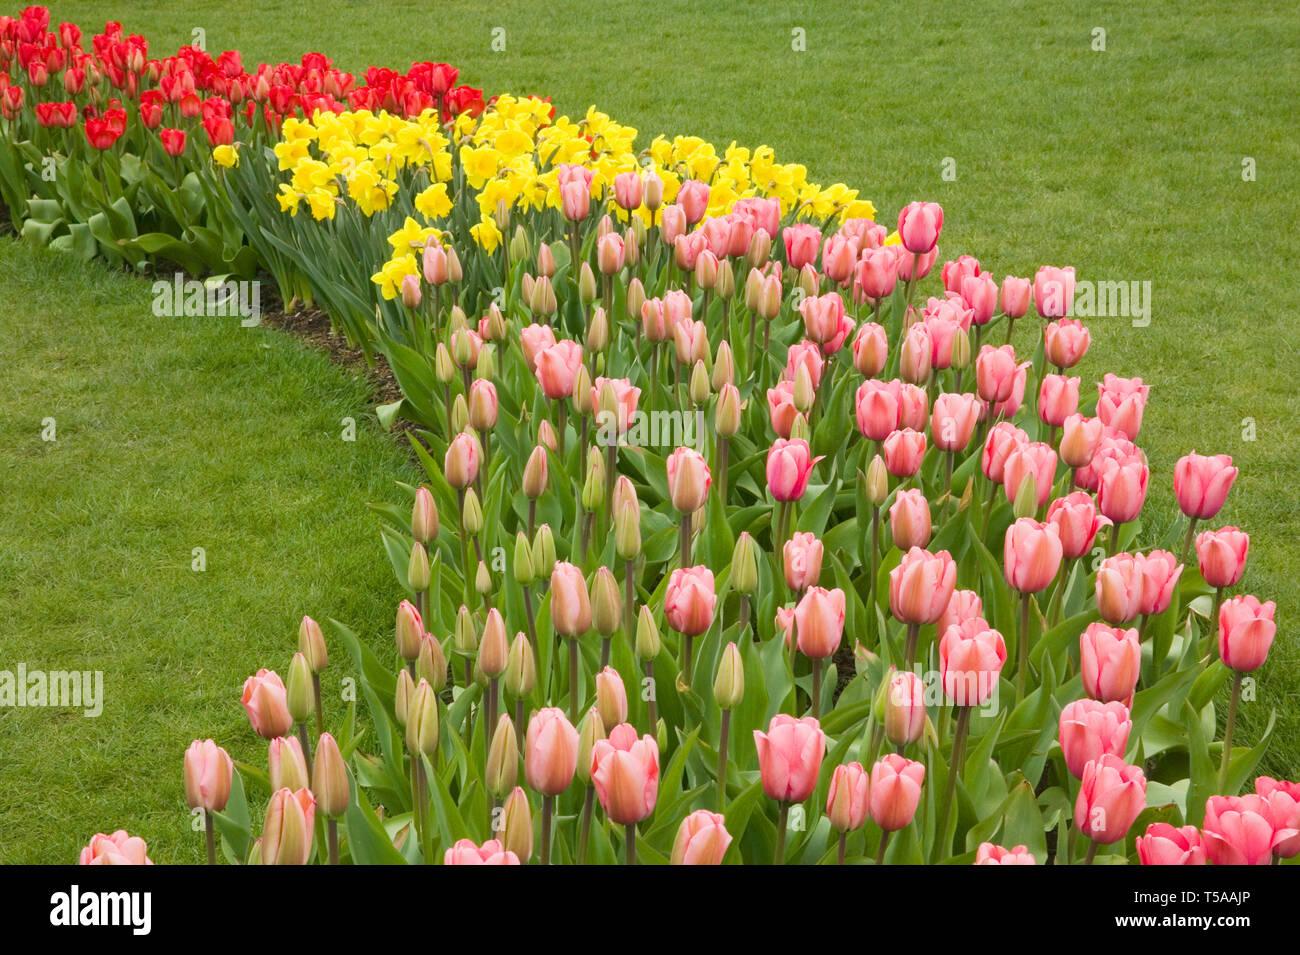 Mount Vernon, Washington, Stati Uniti d'America. Riga di curve di tulipani e narcisi, con in primo piano: Rosa impressione tulipani; medio: valore Standard narcisi; posteriore: R Foto Stock